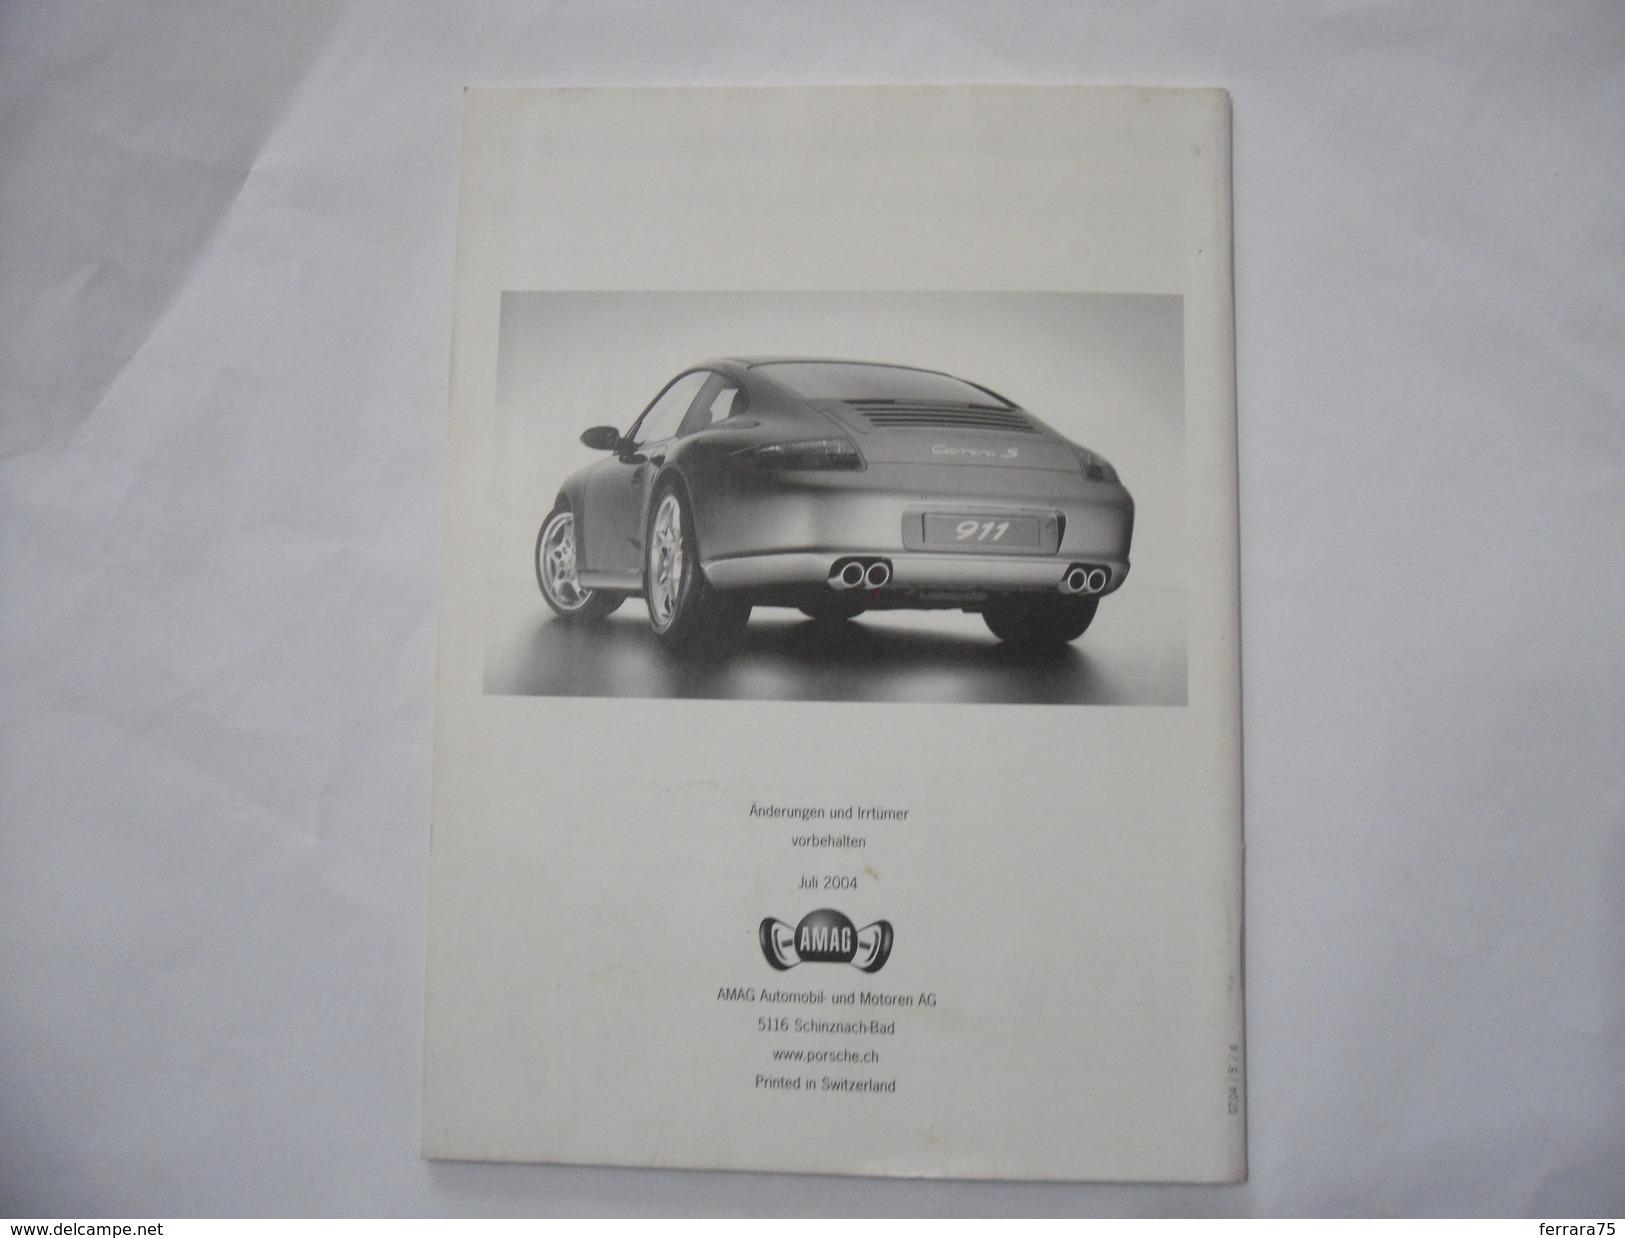 PORSCHE 911 CARRERA S LIBRO BOOK MANUALE 2004. - Automobili & Trasporti